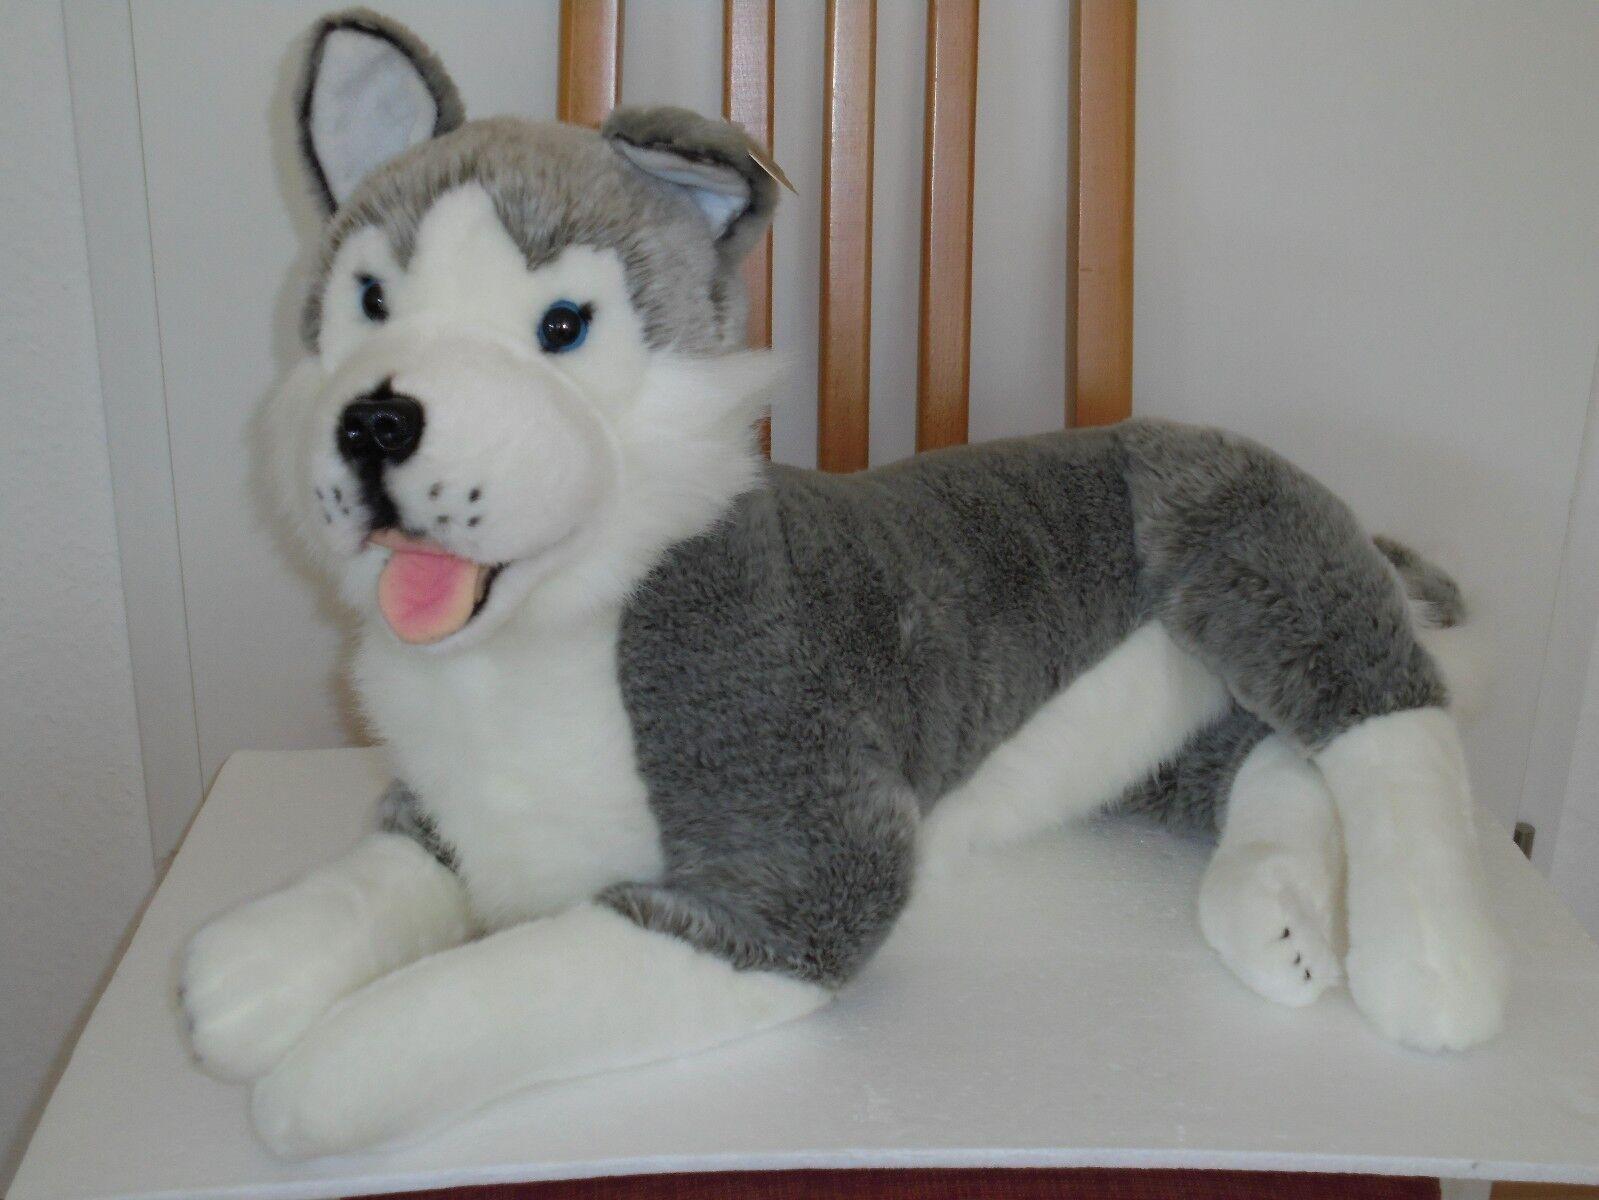 Plüschtier Stofftier Stofftier Stofftier Hund liegend Carl Dick Collection NEU 081d94